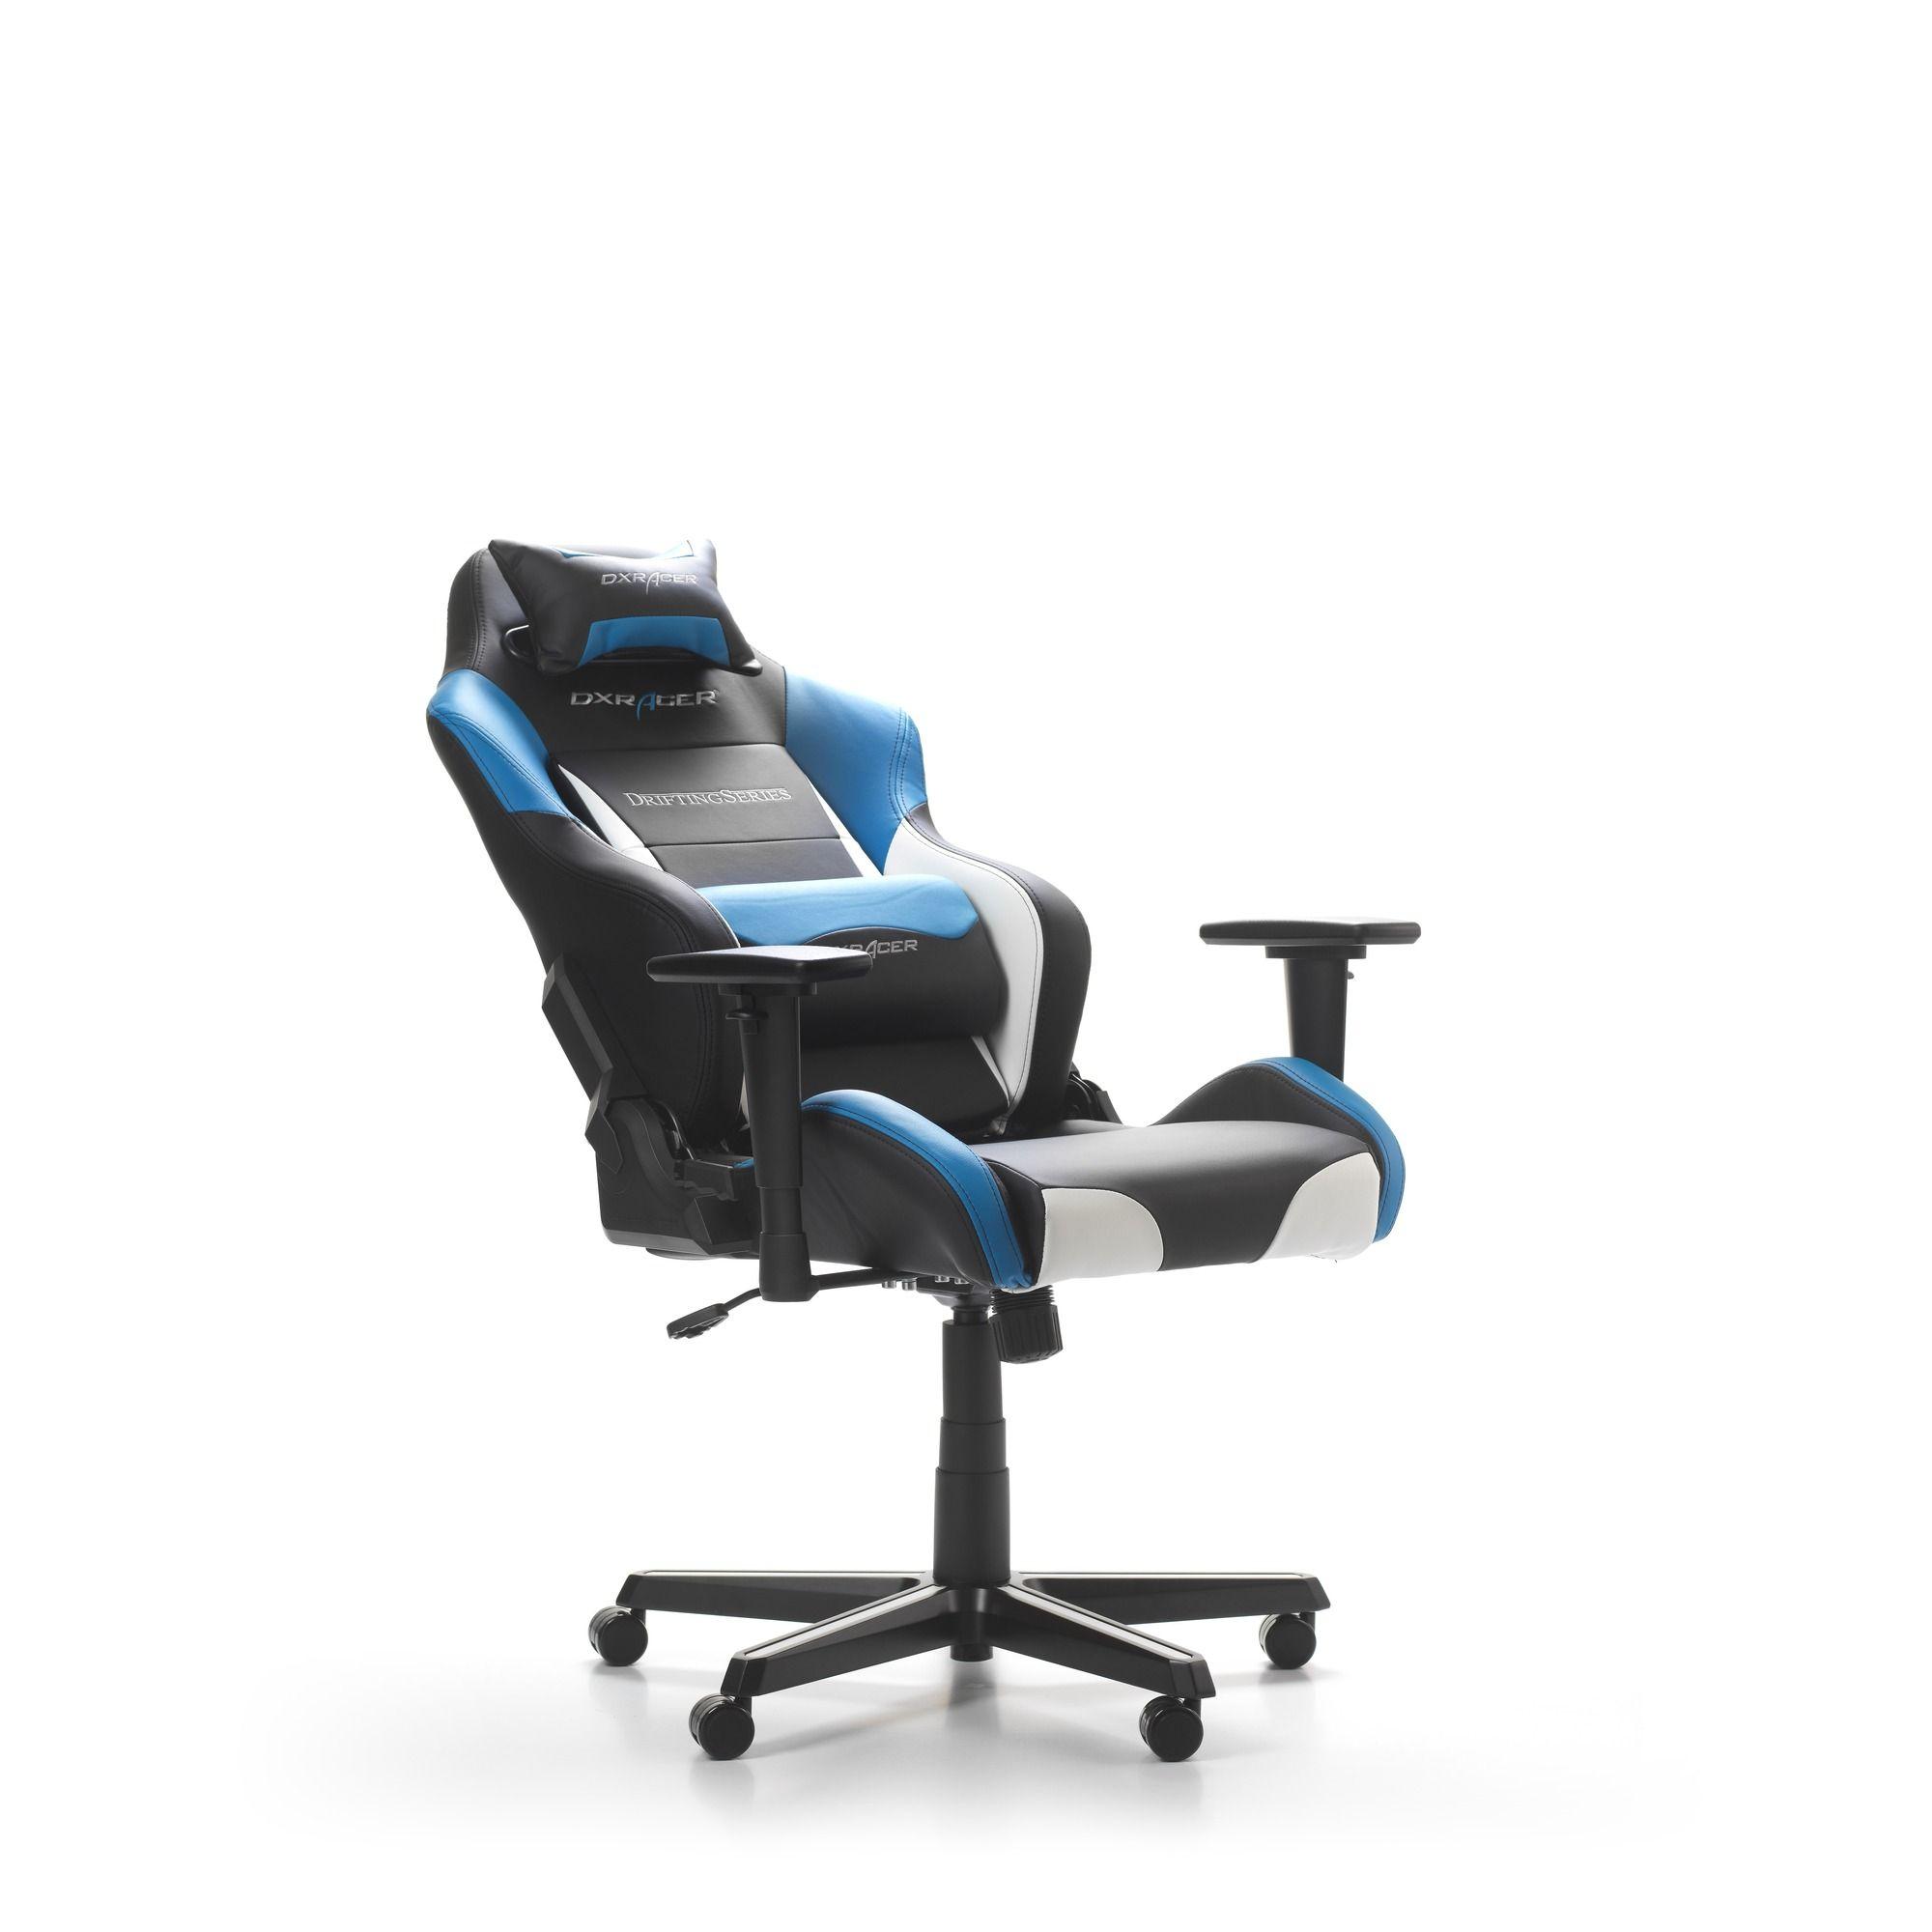 Геймърски стол DXRacer - серия DRIFTING, черен/бял/син - OH/DM61/NWB - 2